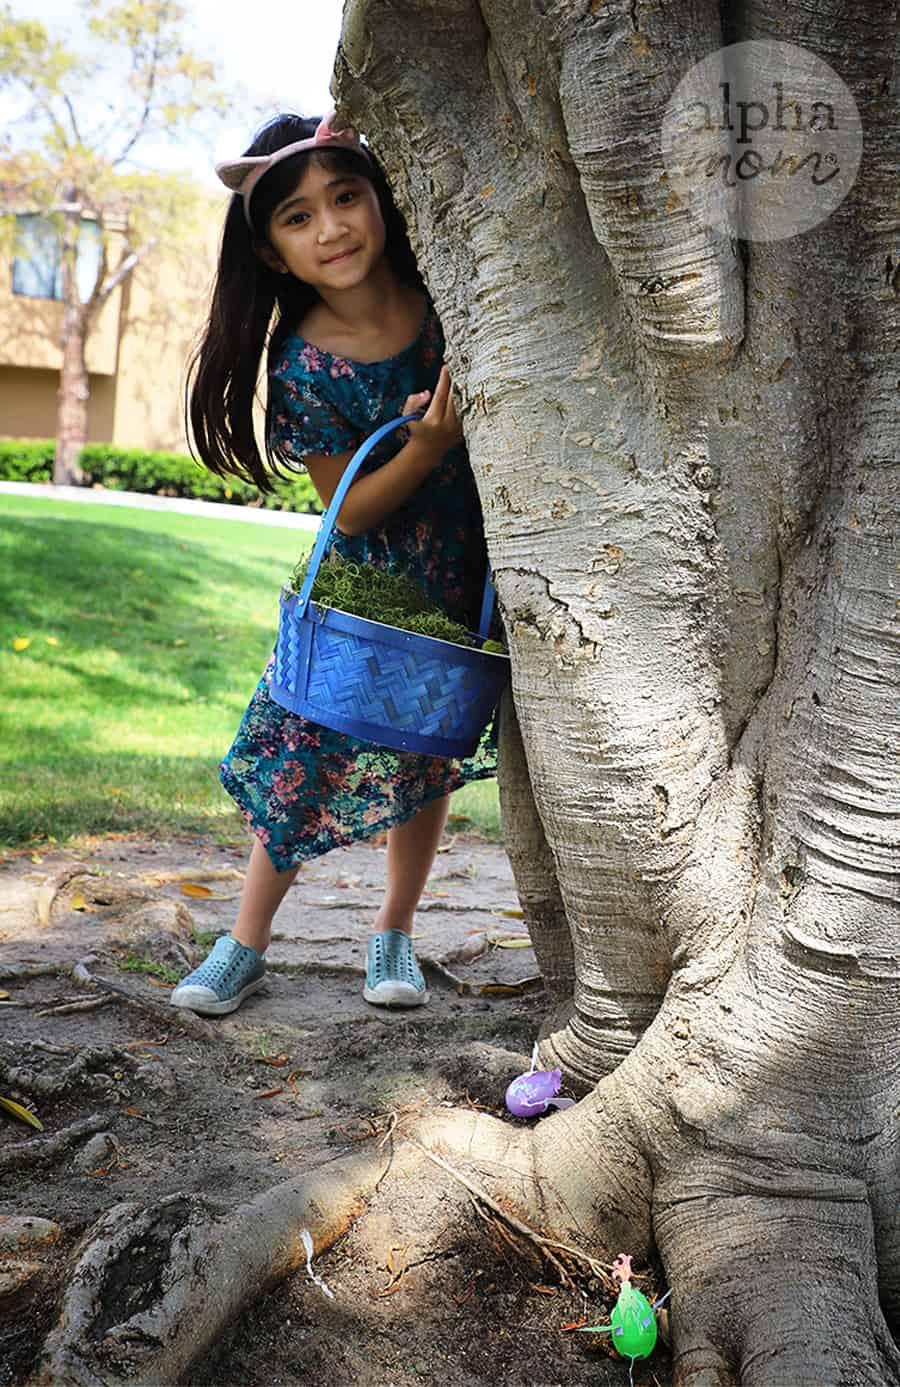 school girl on easter egg hunt near tree